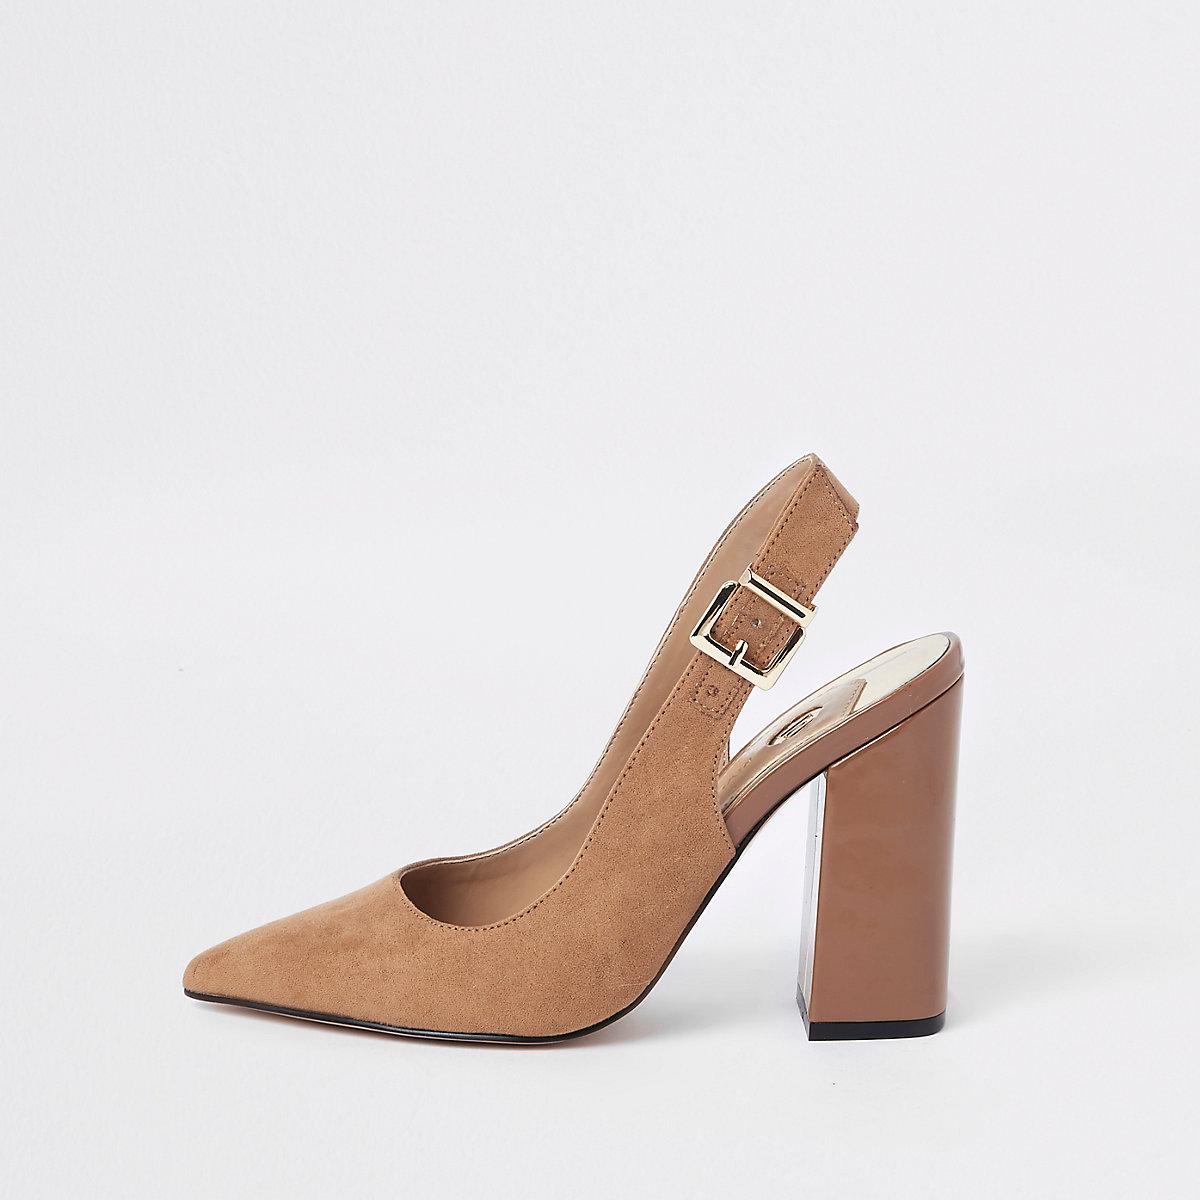 Escarpins marron foncé à bride arrière et talon carré - Chaussures ... 02094c683f91